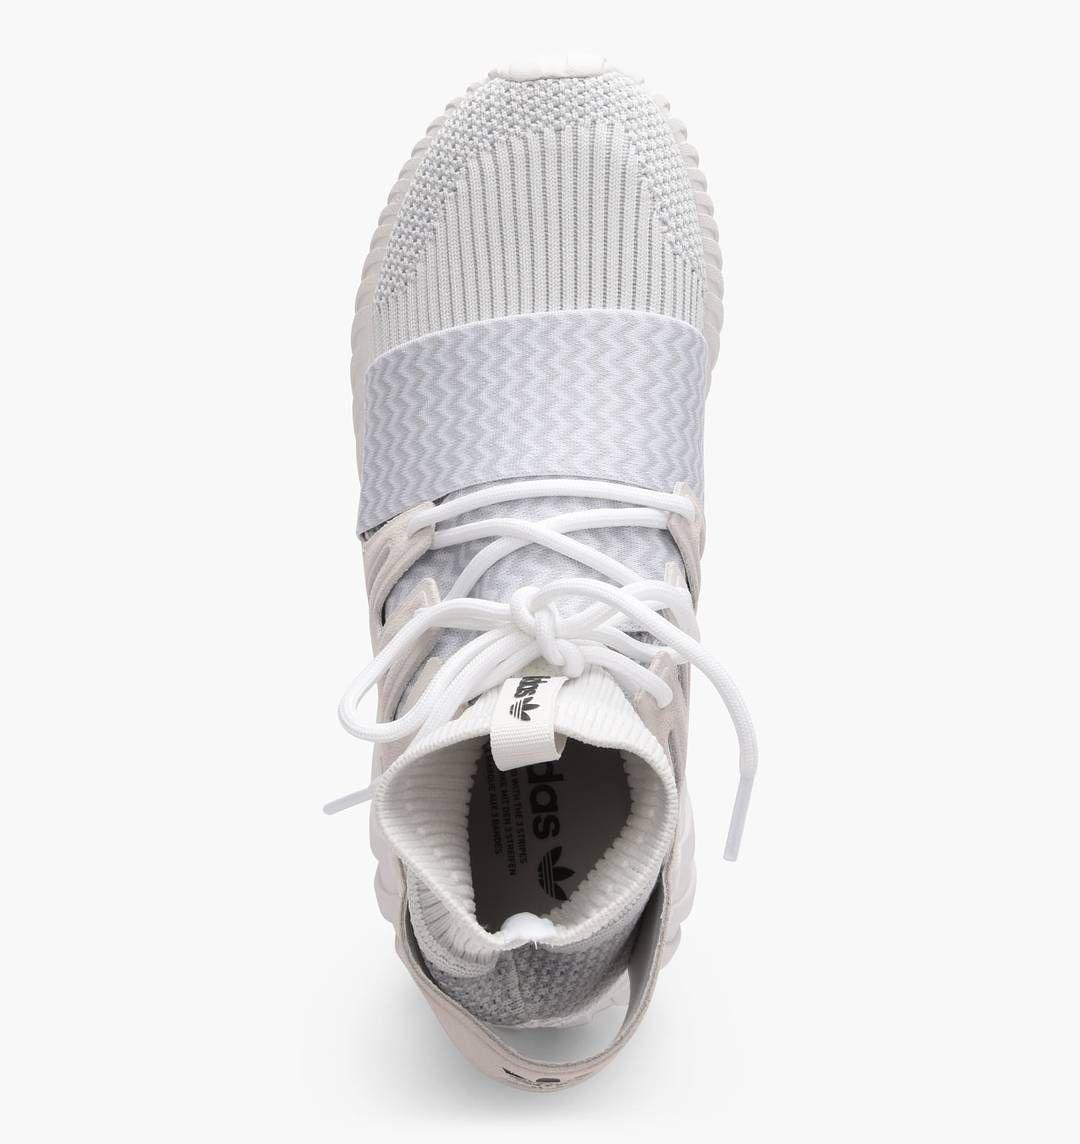 adidas Blanco' Tubular Doom PK 'VINTAGE Blanco' adidas (S8009) KICKS DAILY 644436